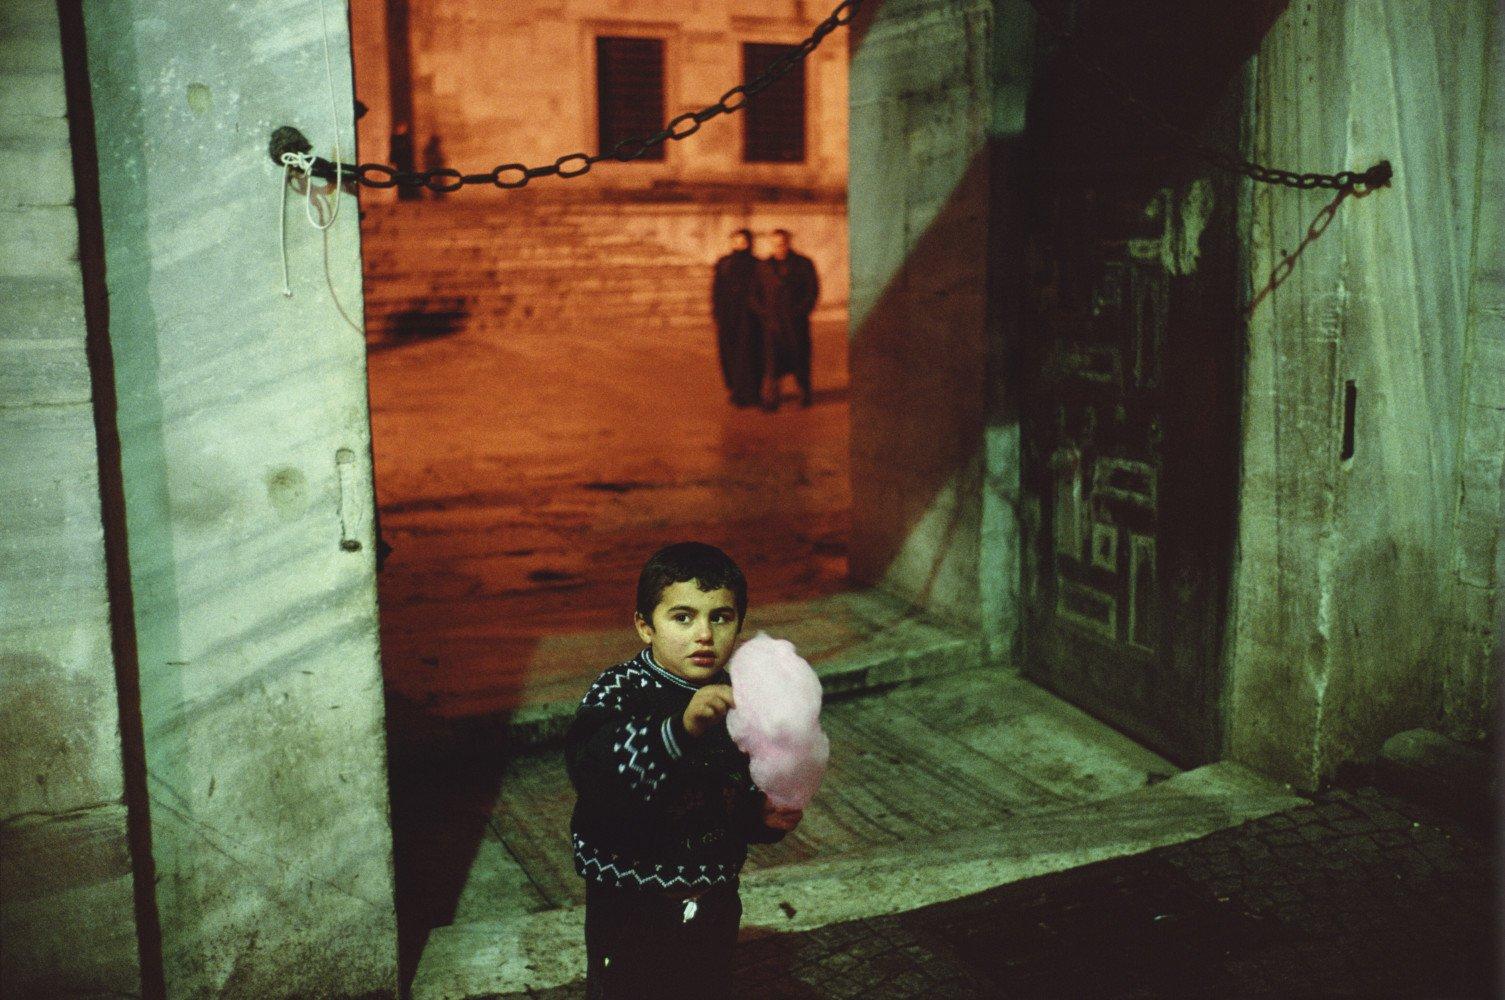 Fuera de la Mezquita Azul durante el Ramadán. Istanbul, Turquía. 2001 © Alex Webb / Magnum Photos